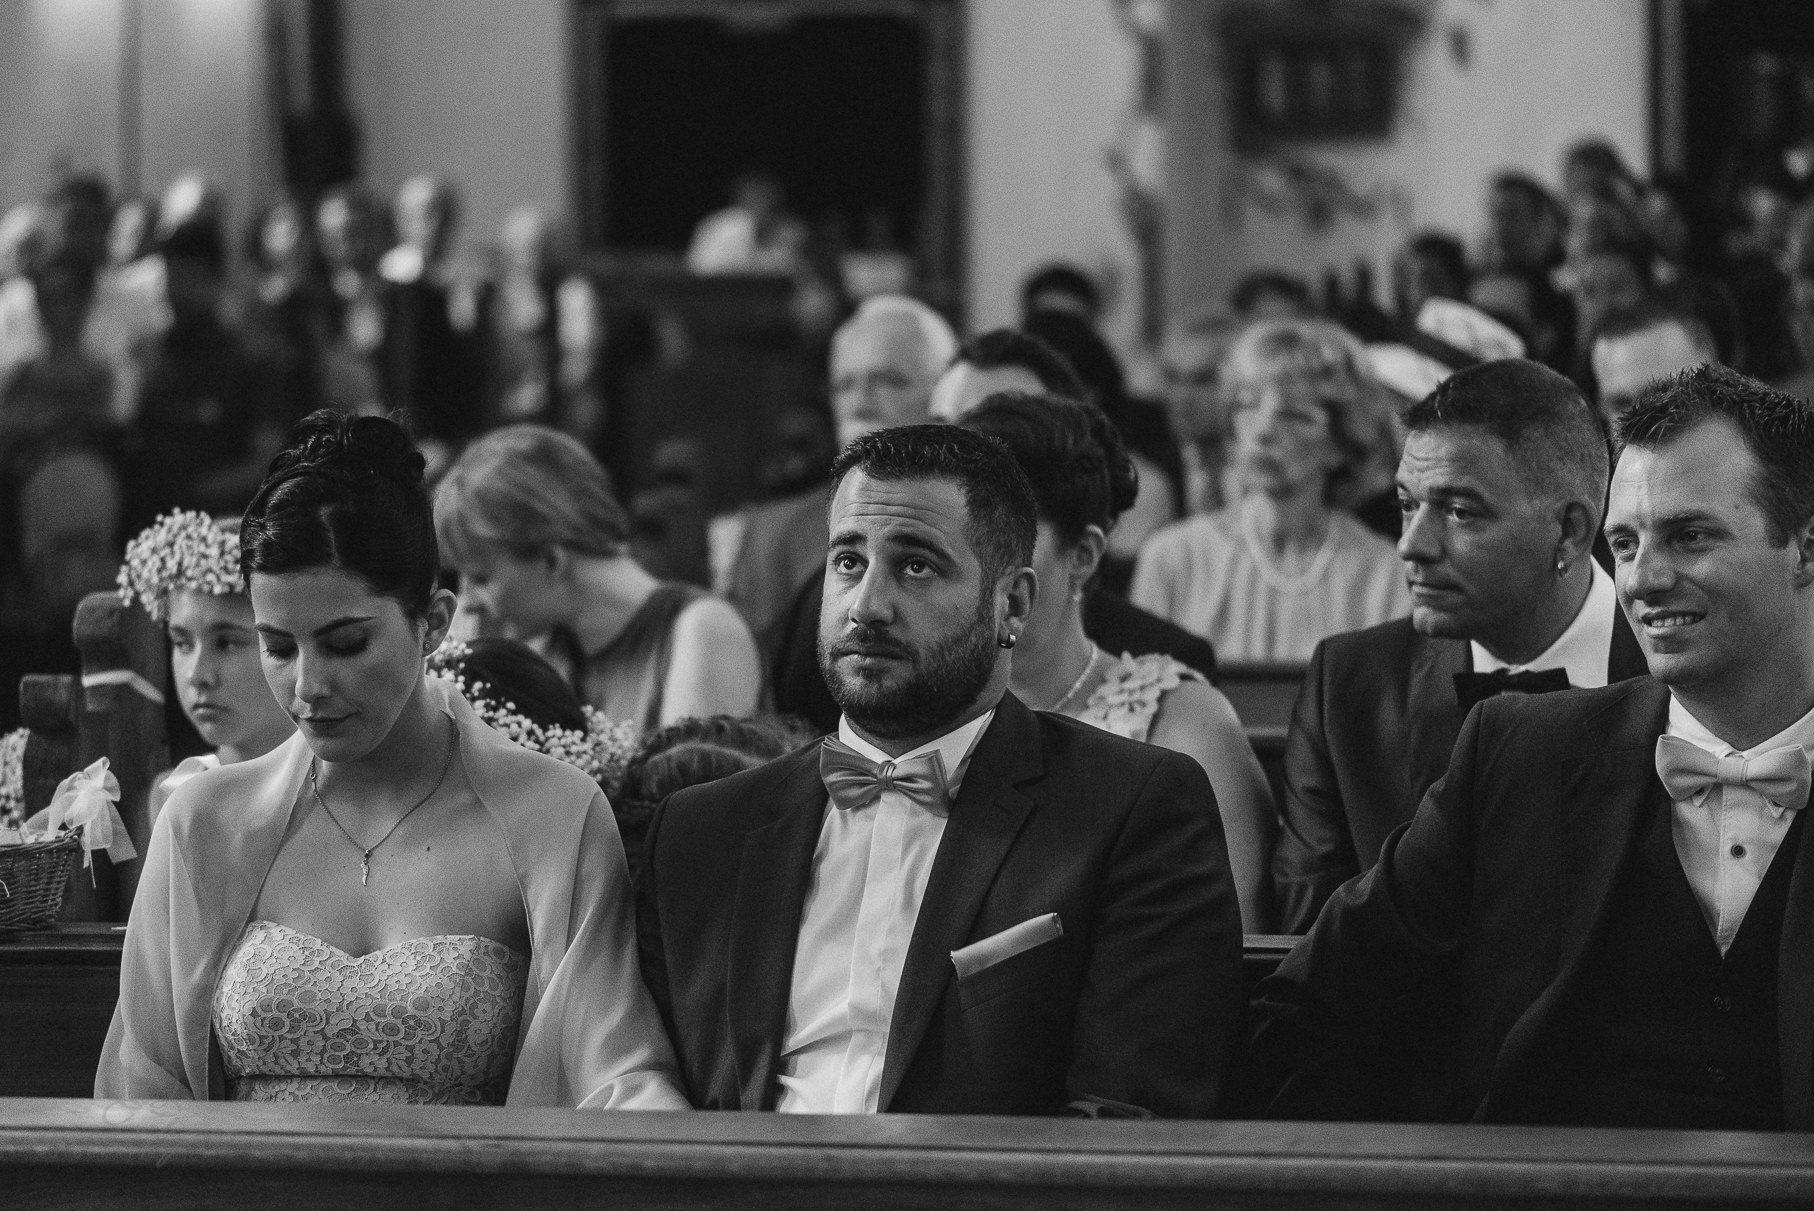 0047 anne und bjoern hochzeit schweiz 811 4245 - DIY Hochzeit in der Schweiz - Sabrina & Christoph